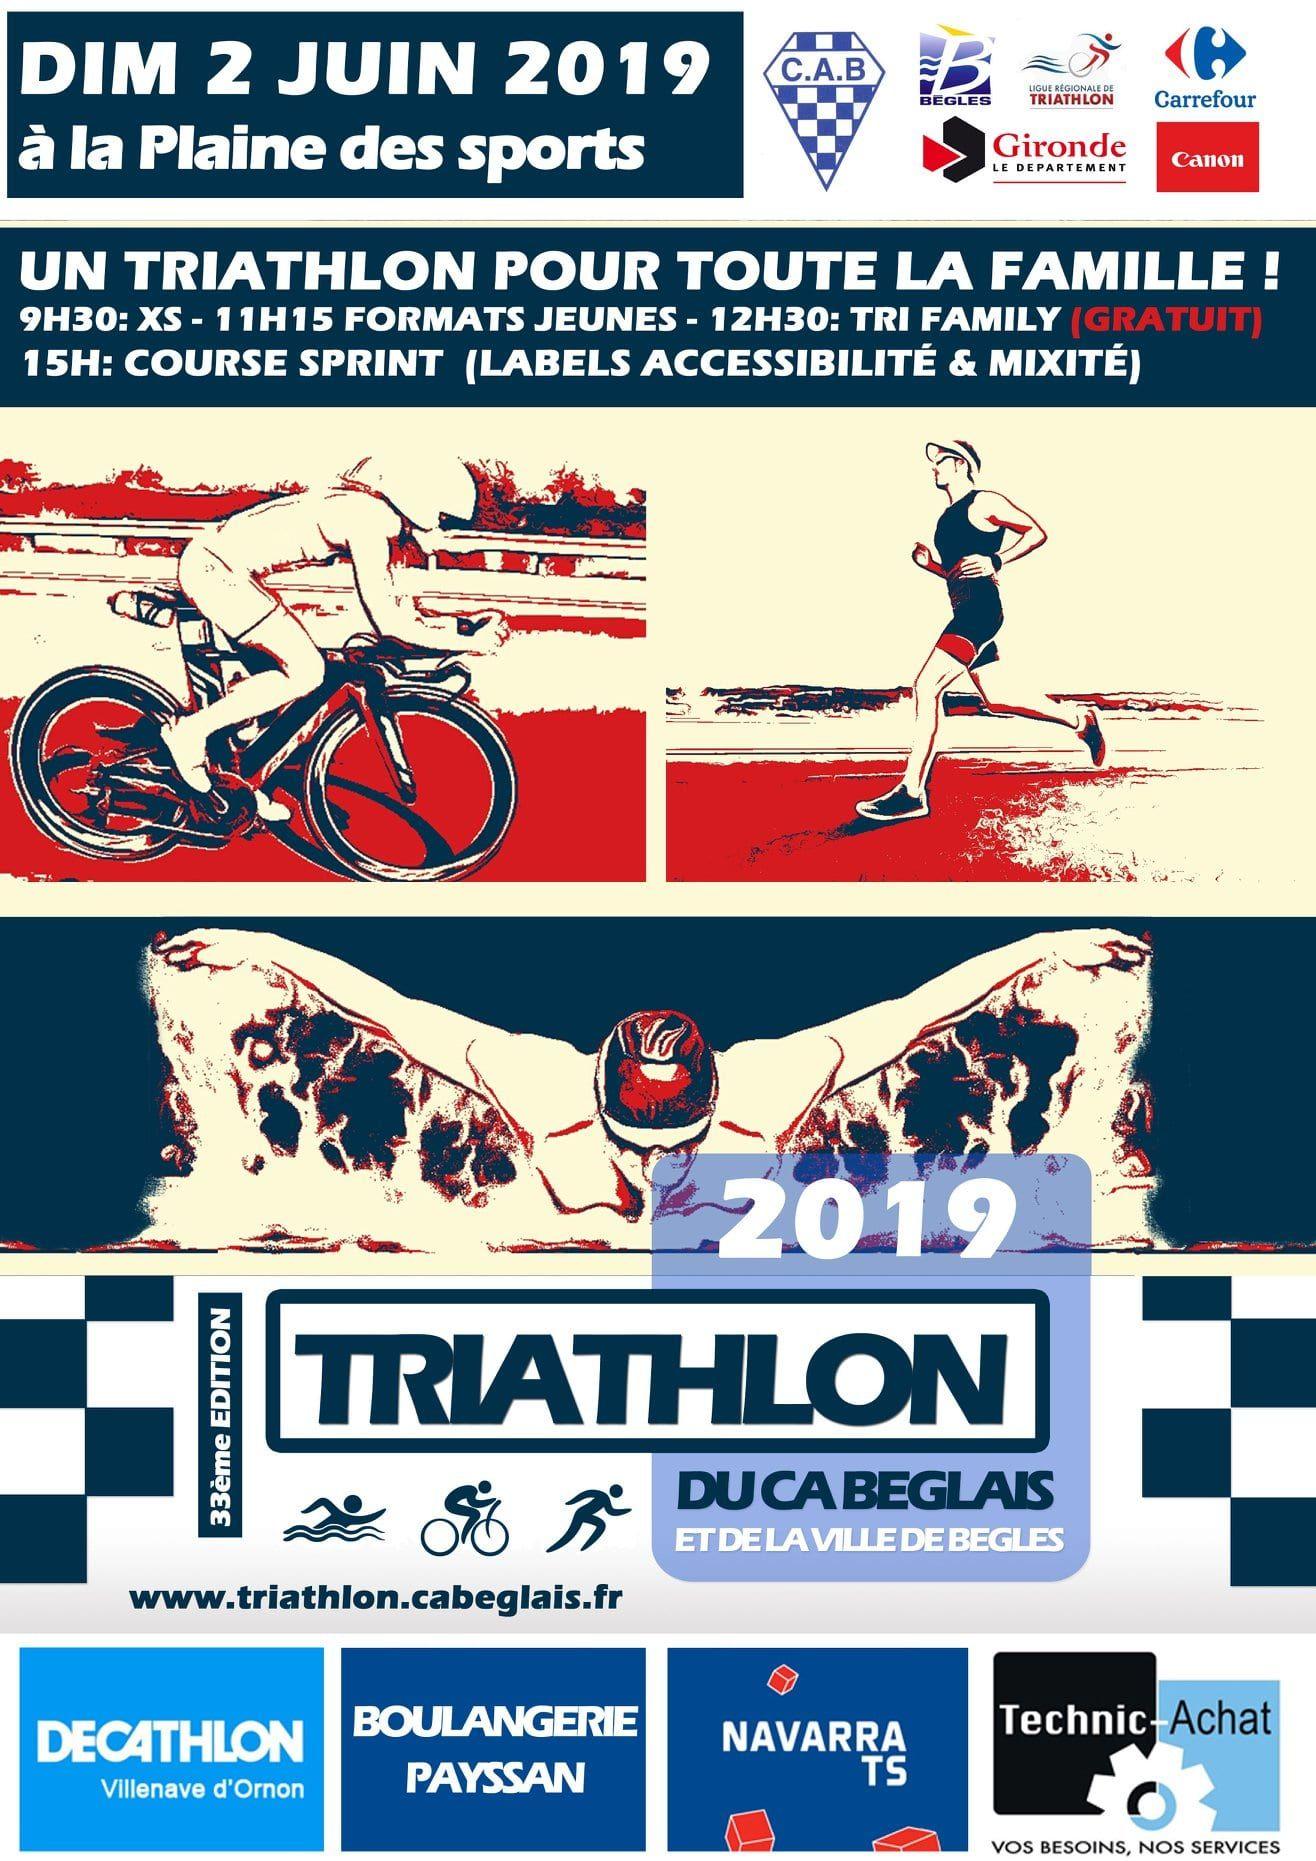 triathlon du ca béglais et de la ville de Bègles